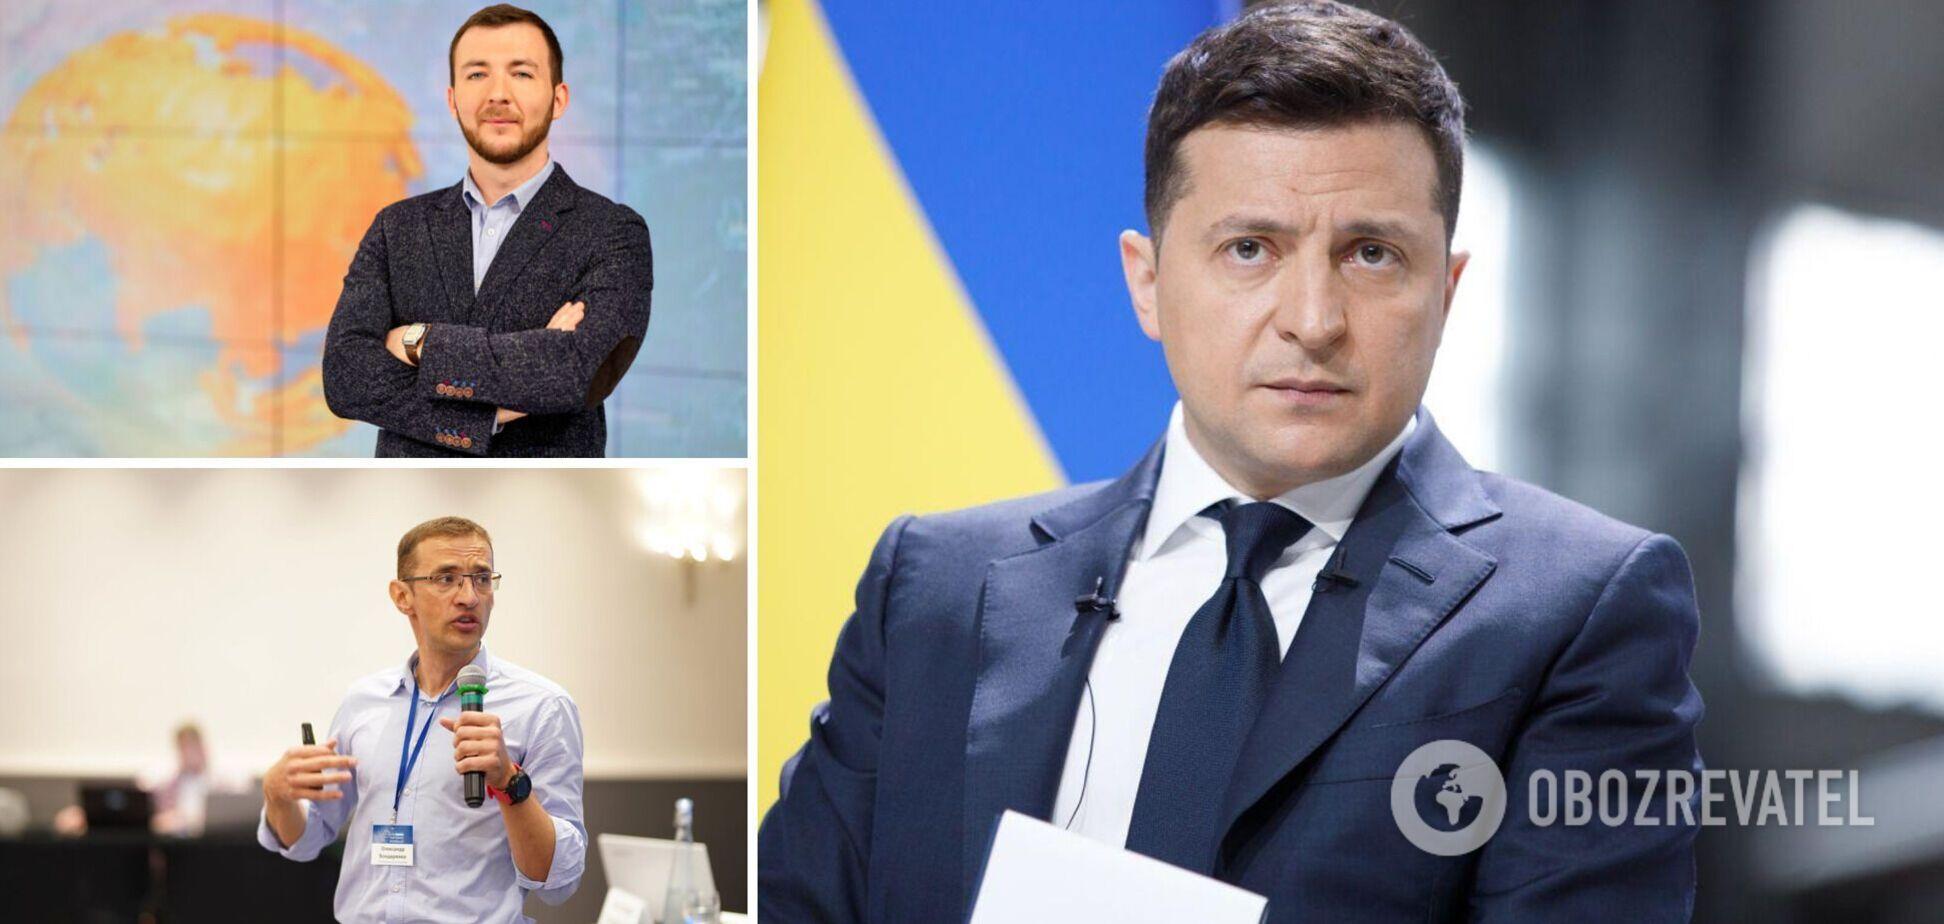 Сергей Никифоров и Александр Бондаренко